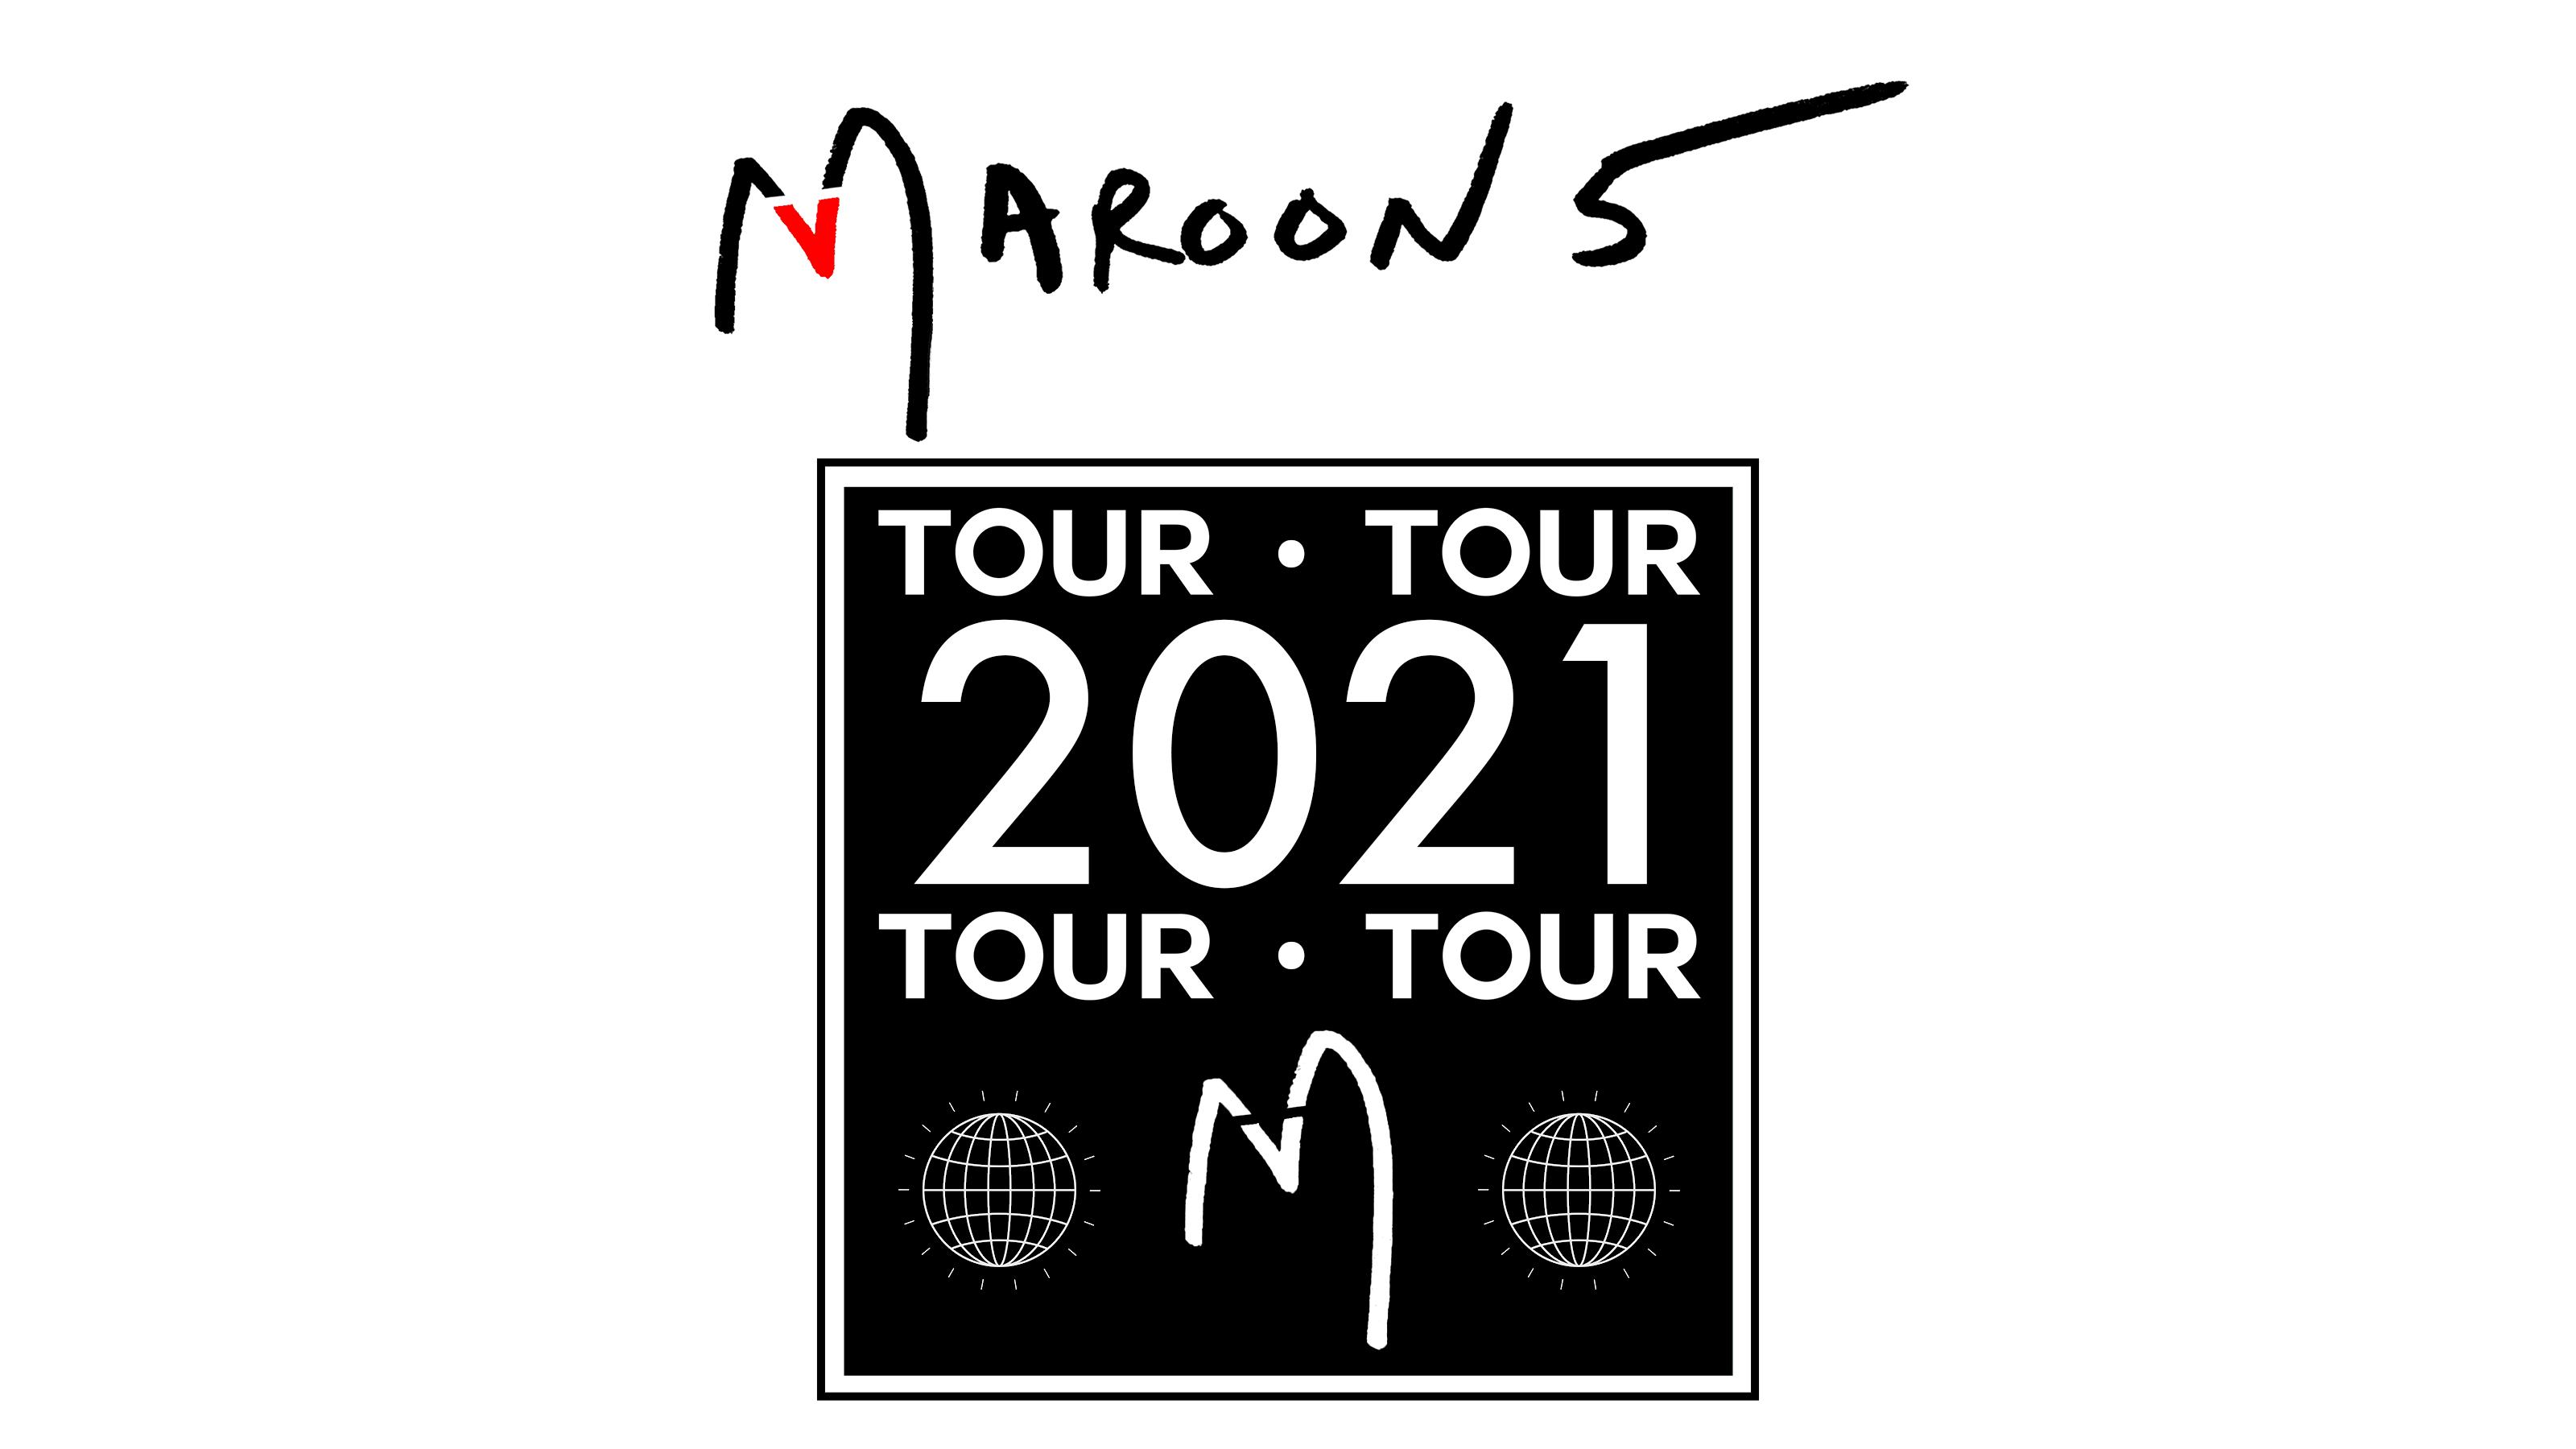 Maroon 5 - 2021 Tour